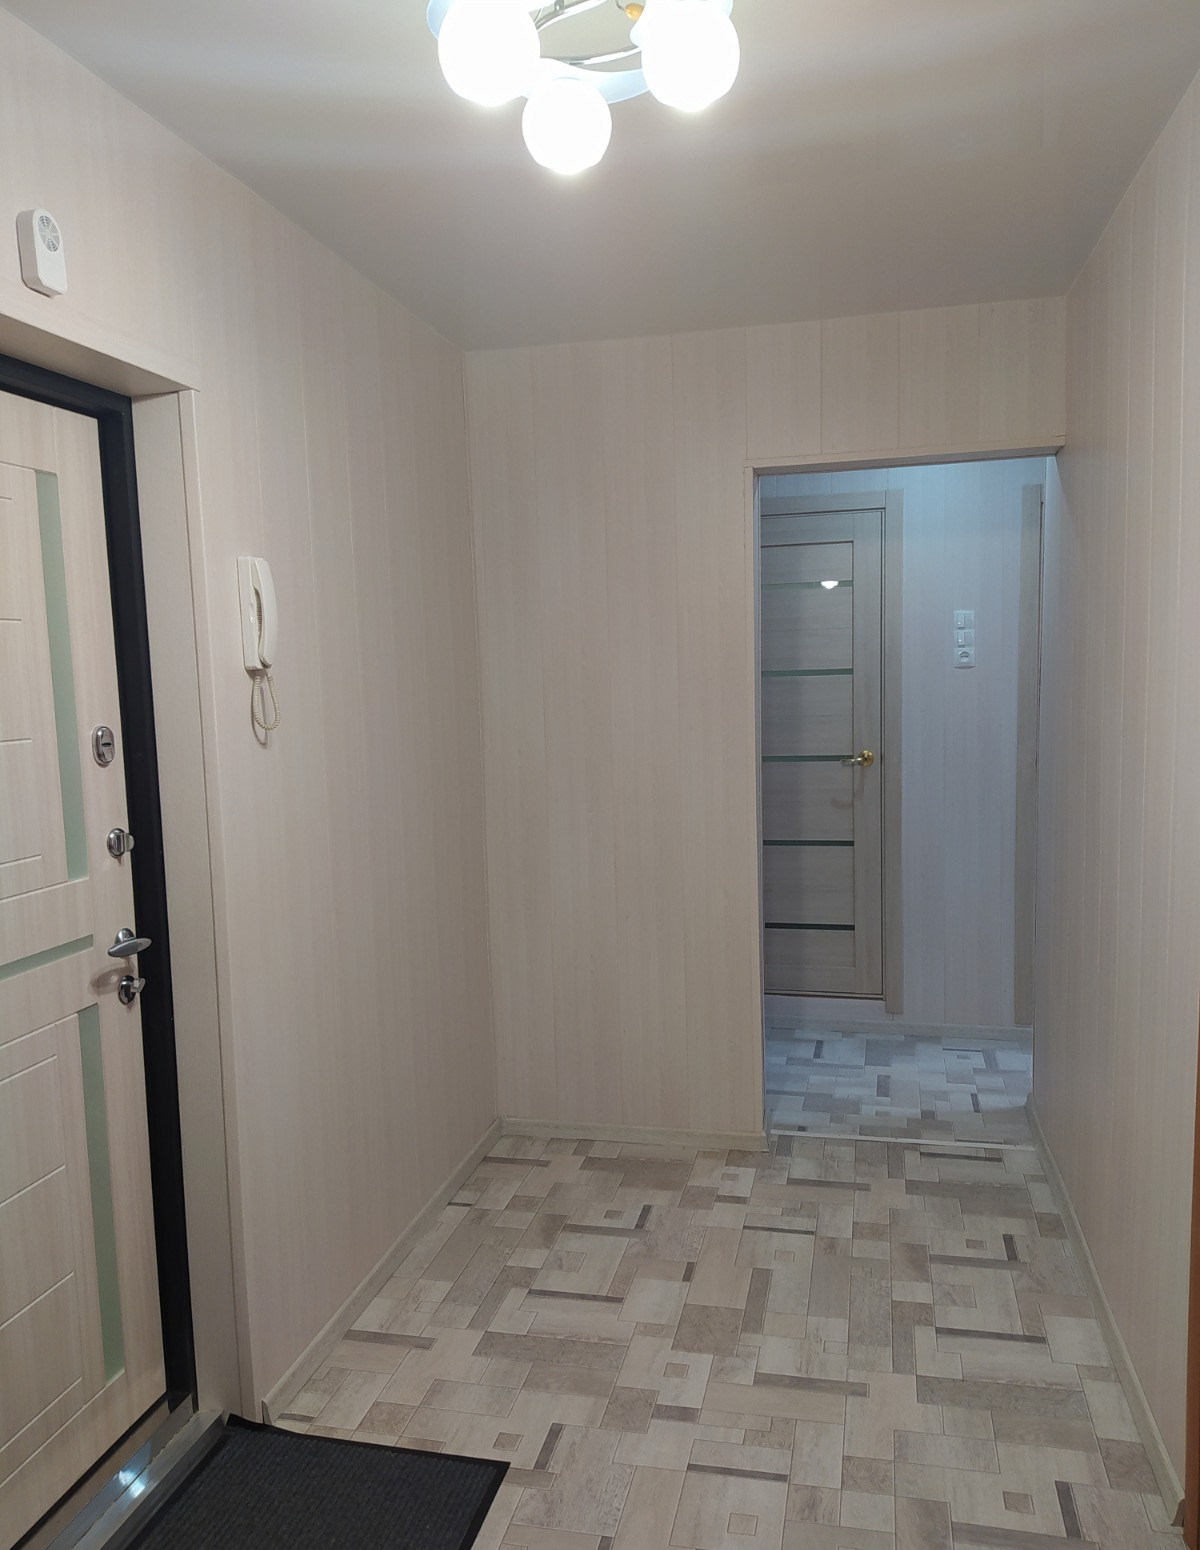 2к квартира ул Судостроительная, д 97 | 30000 | аренда в Красноярске фото 2